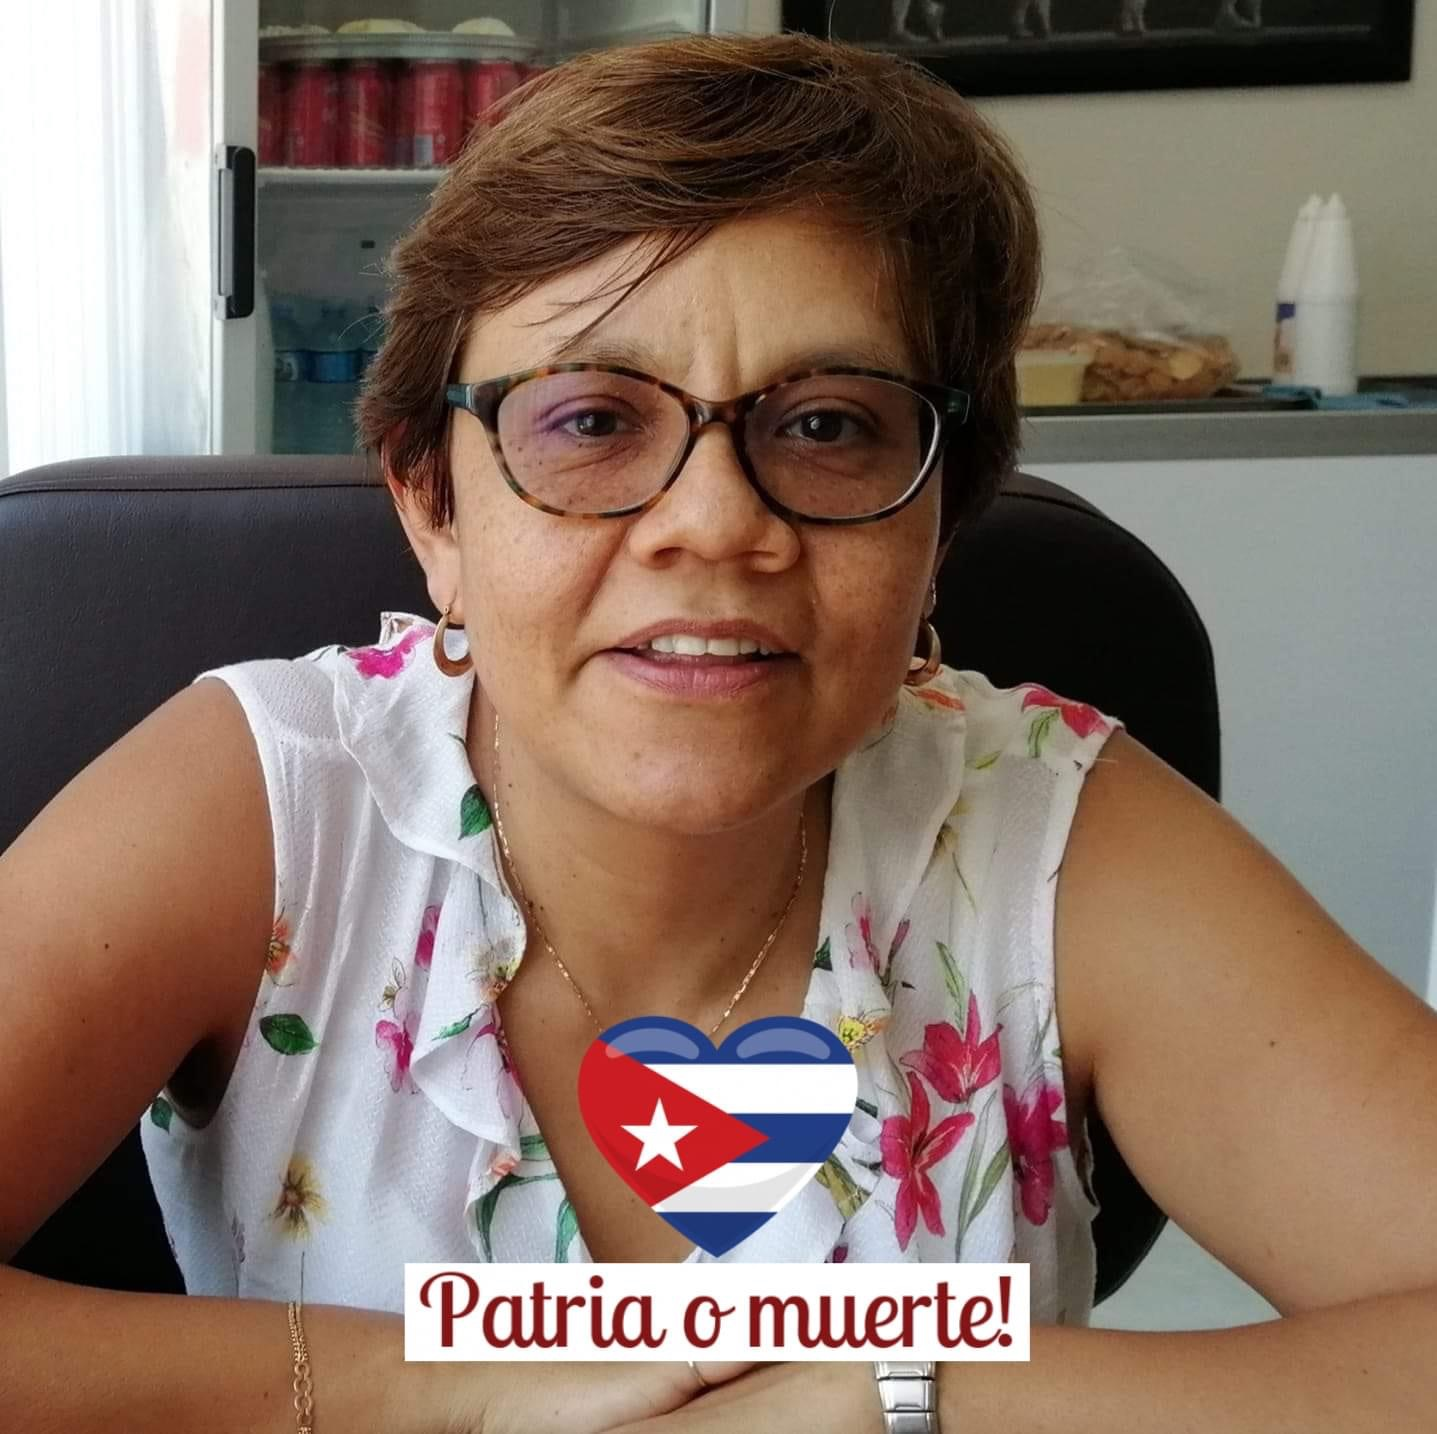 Olivia Garza Joa